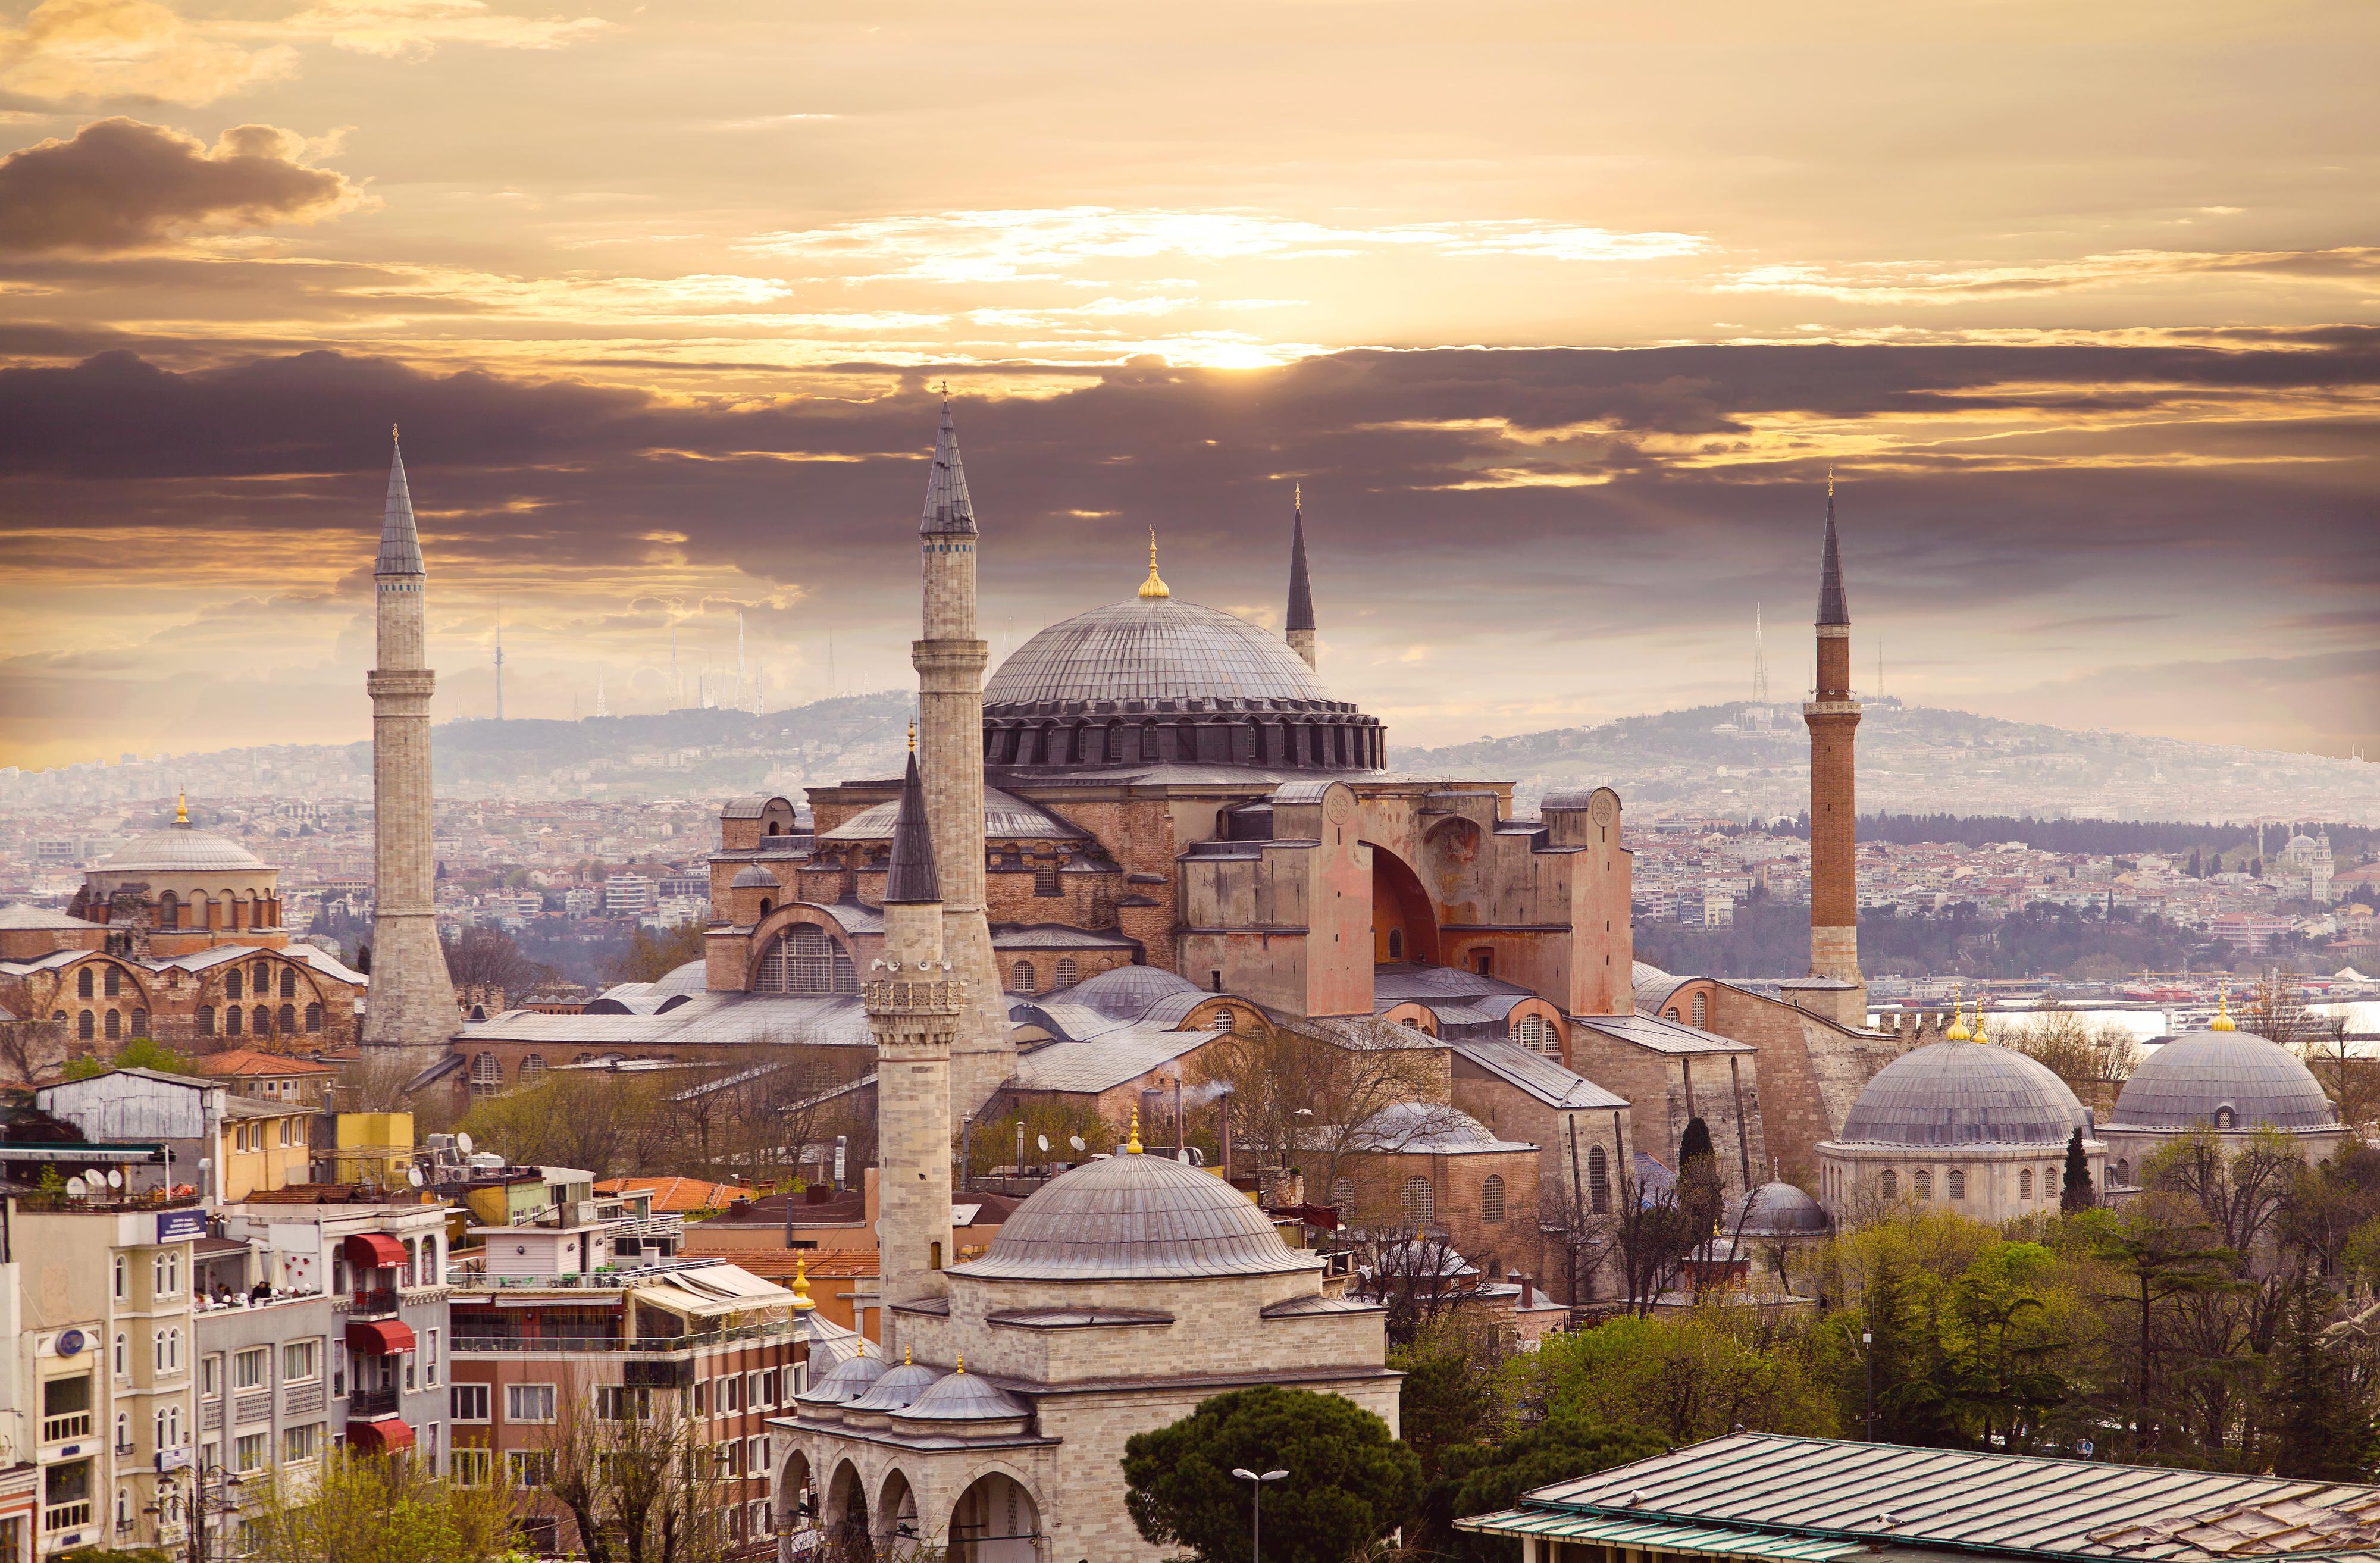 Вид на Стамбул, столицу Турции, ПМЖ которой могут получить россияне, украинцы и белорусы